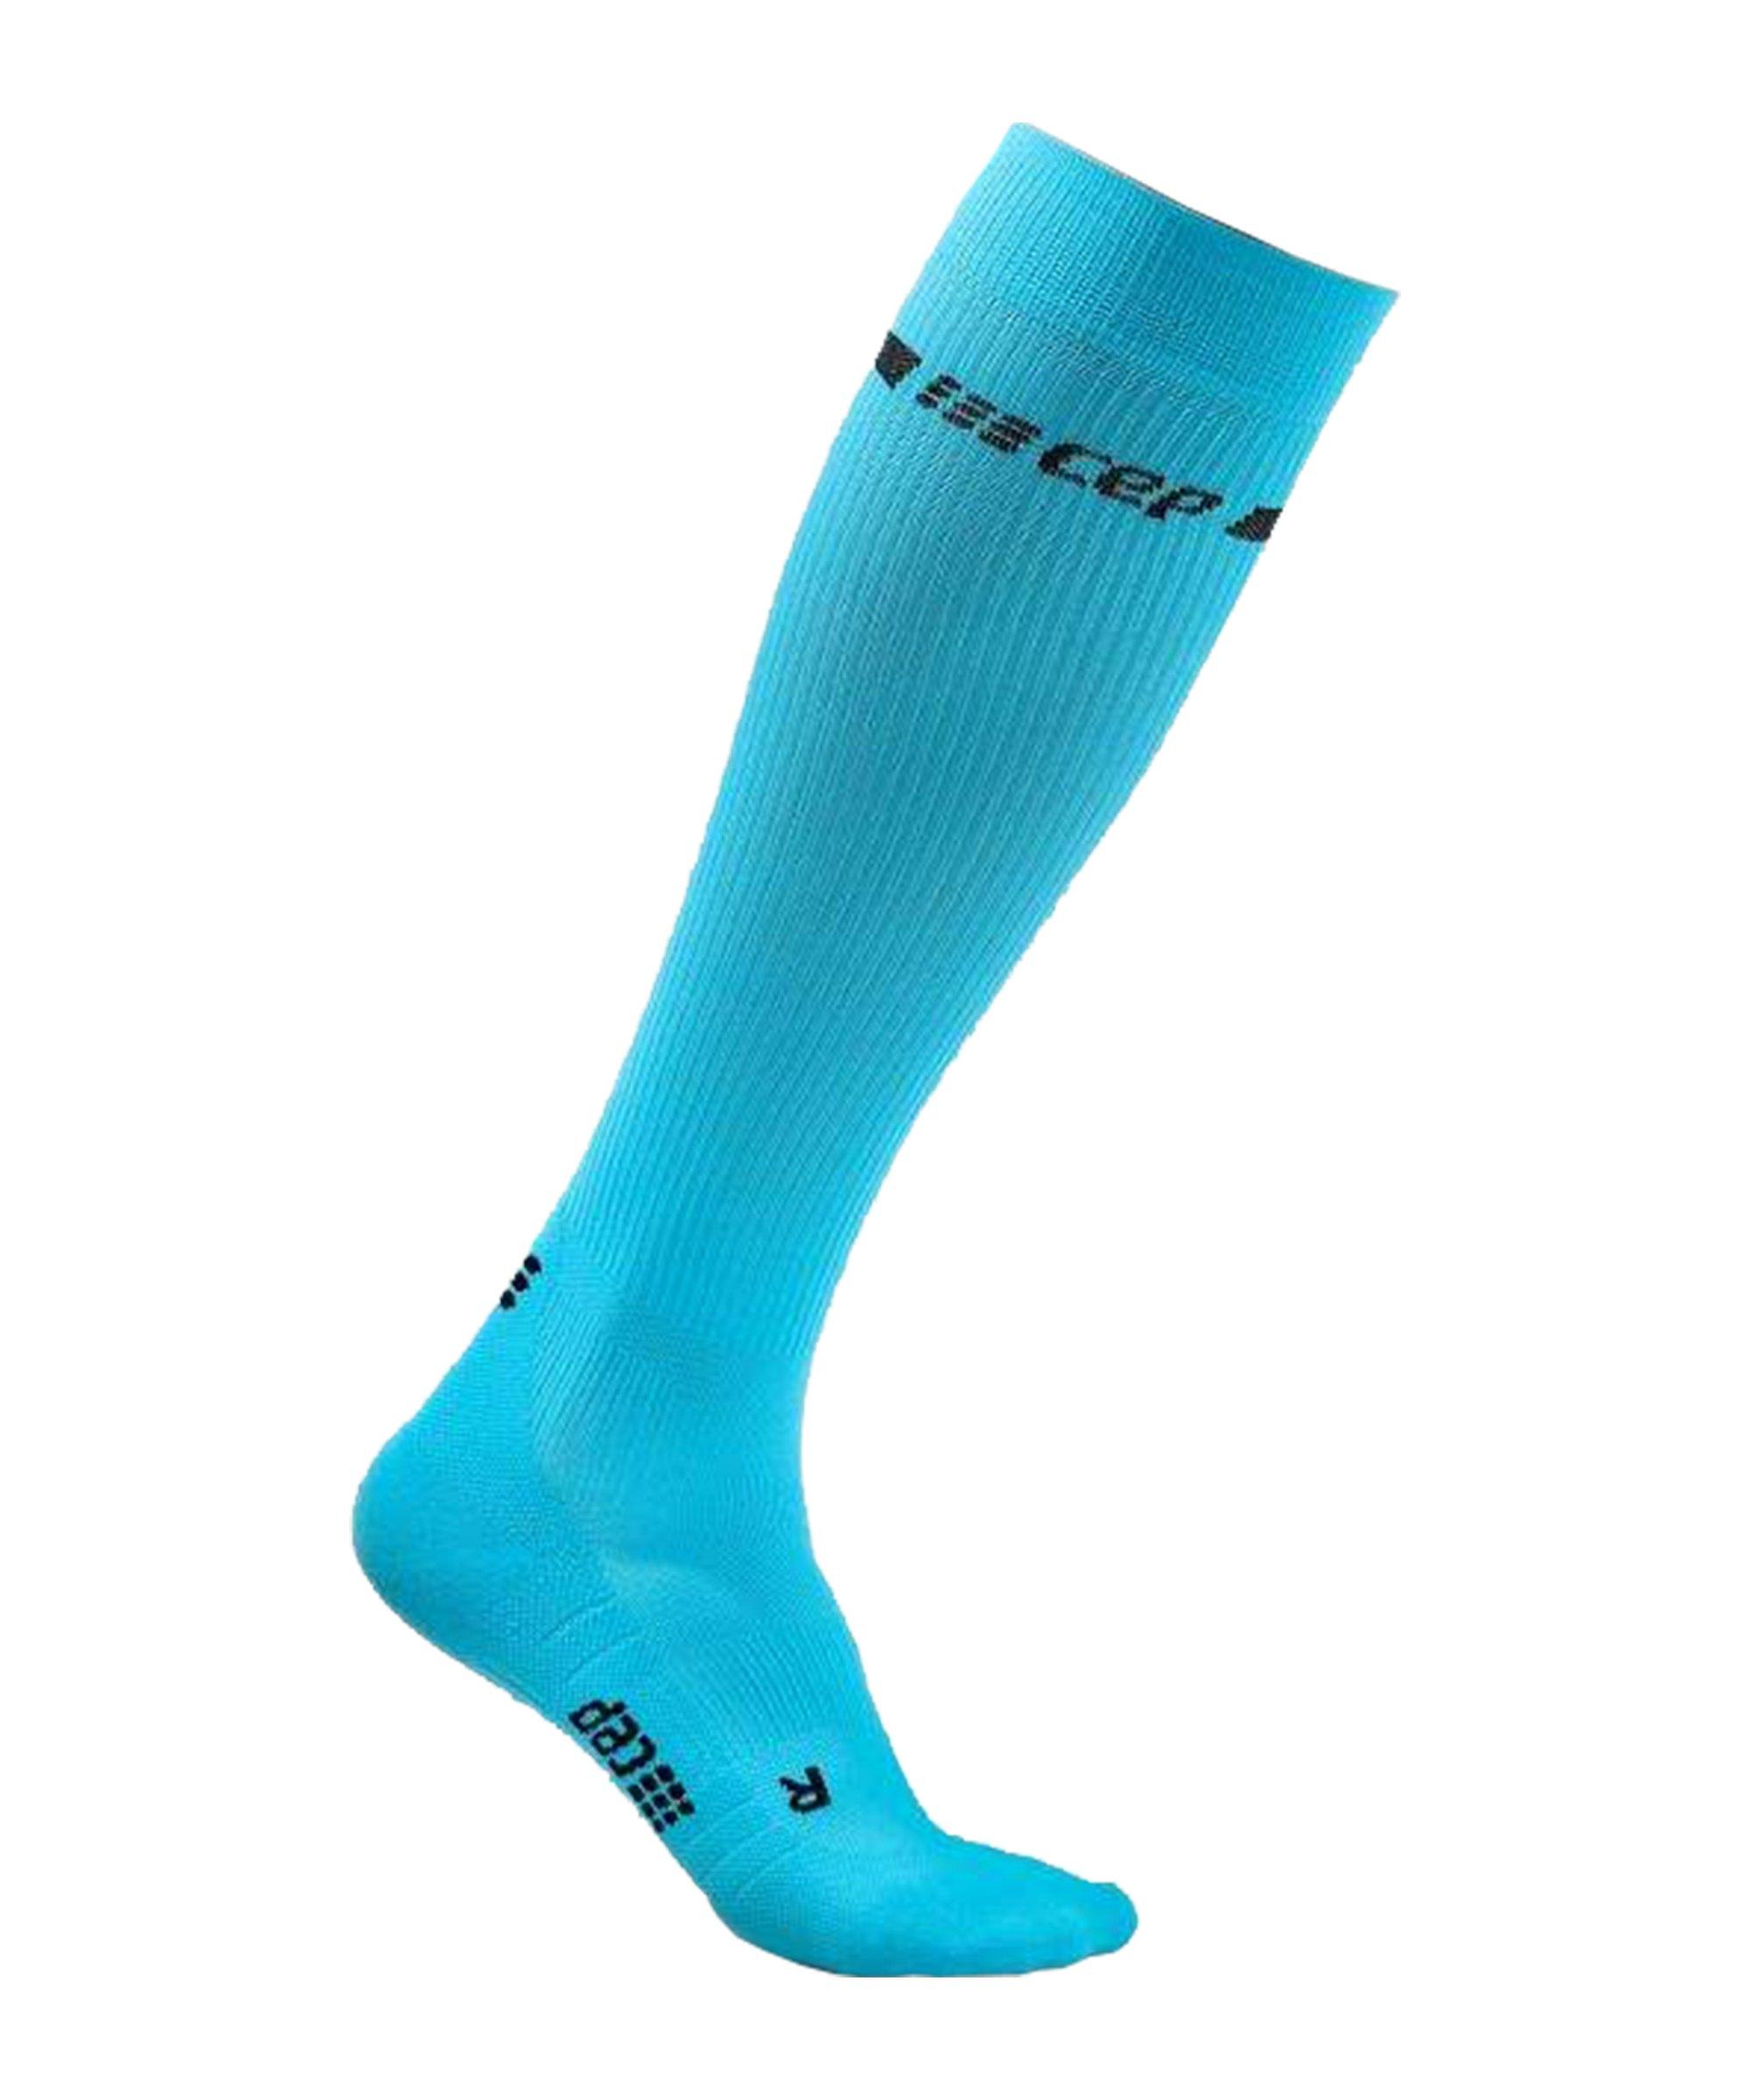 CEP Neon Socken Running Damen Blau - blau